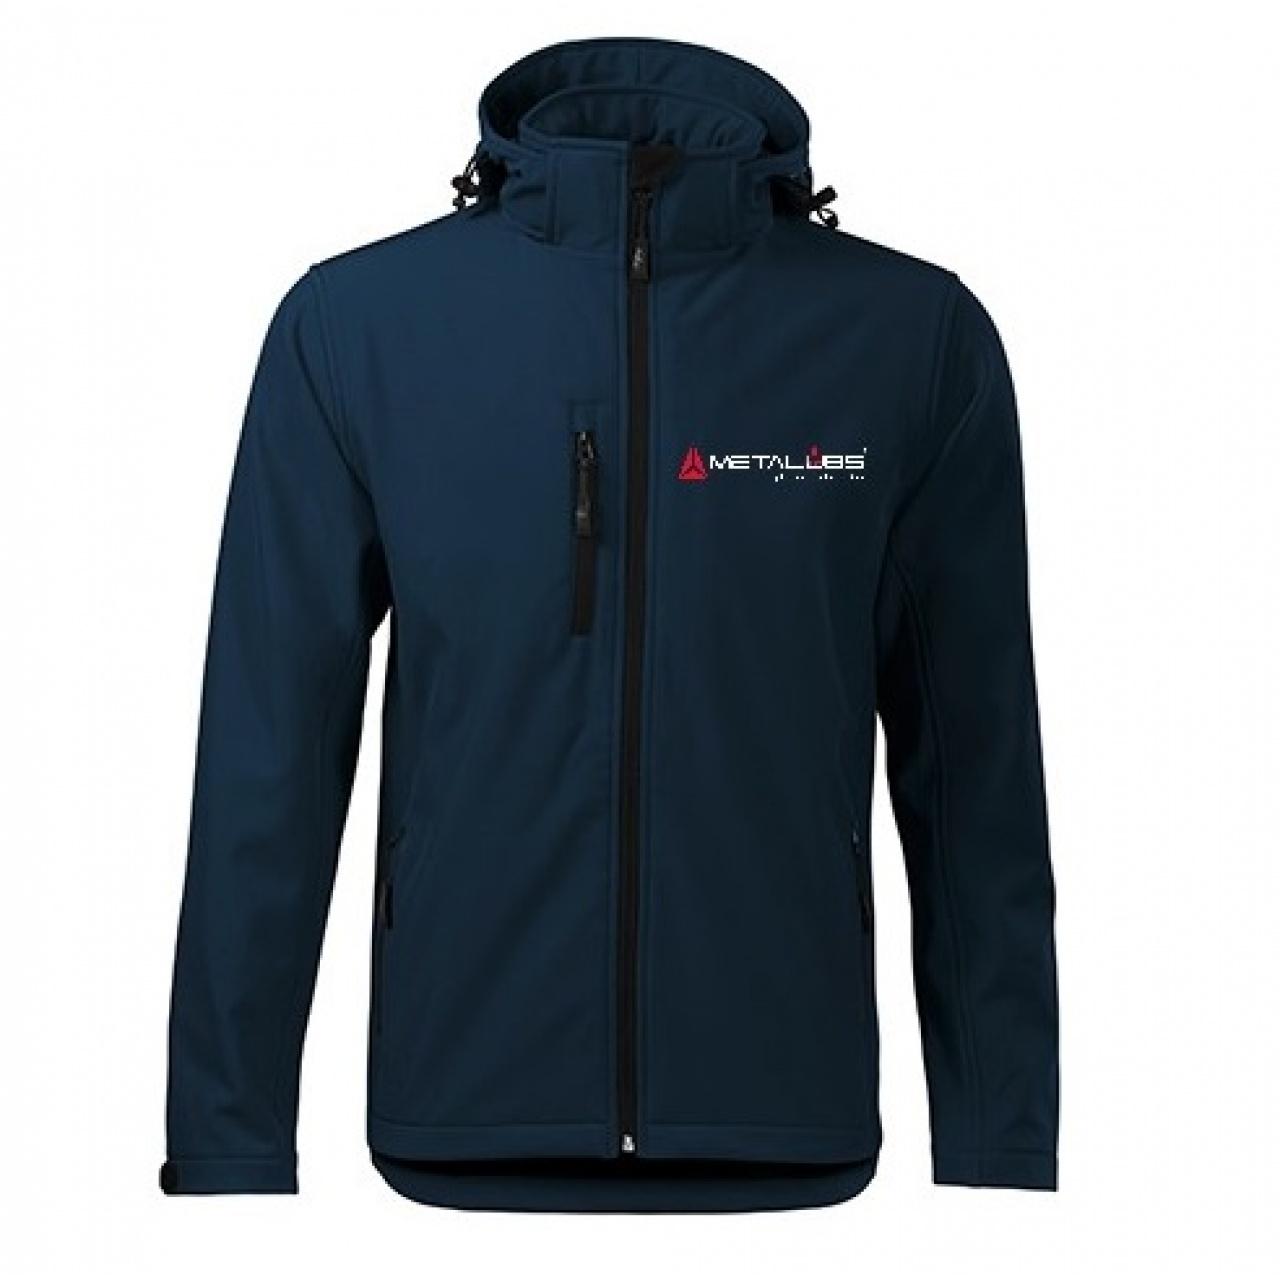 Metalubs jacket